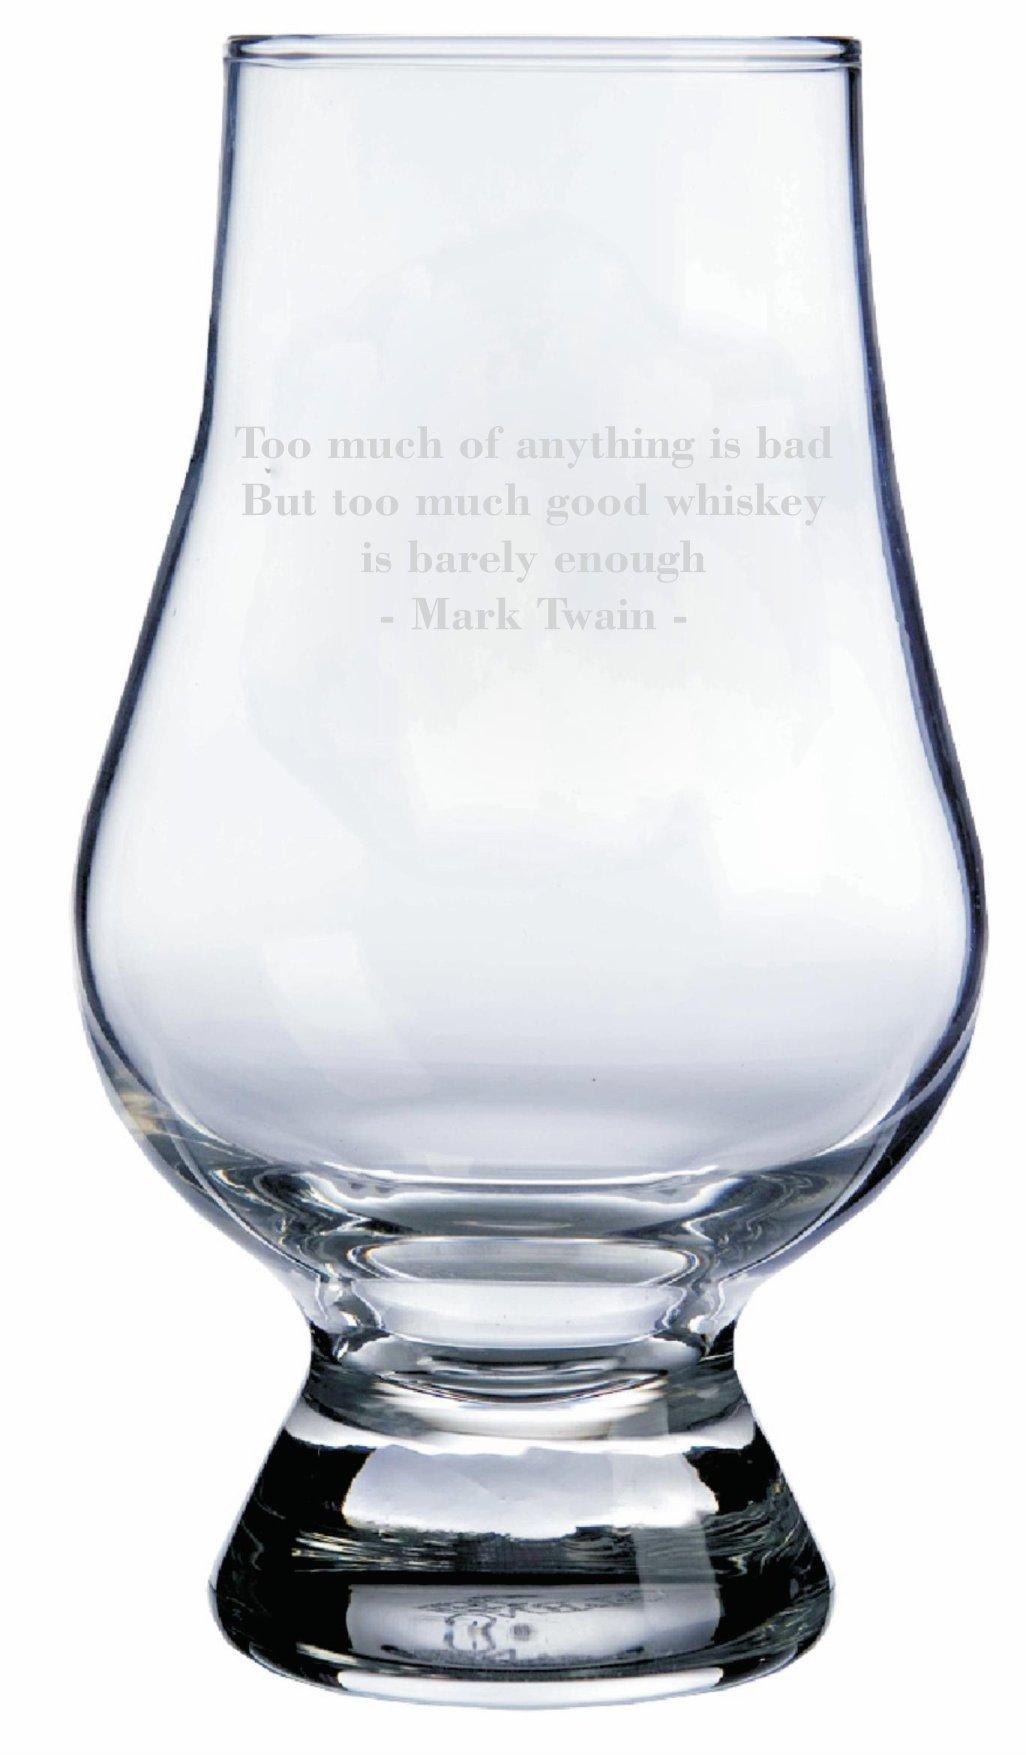 Glencairn Mark Twain Quote Whisky Glass by Glencairn